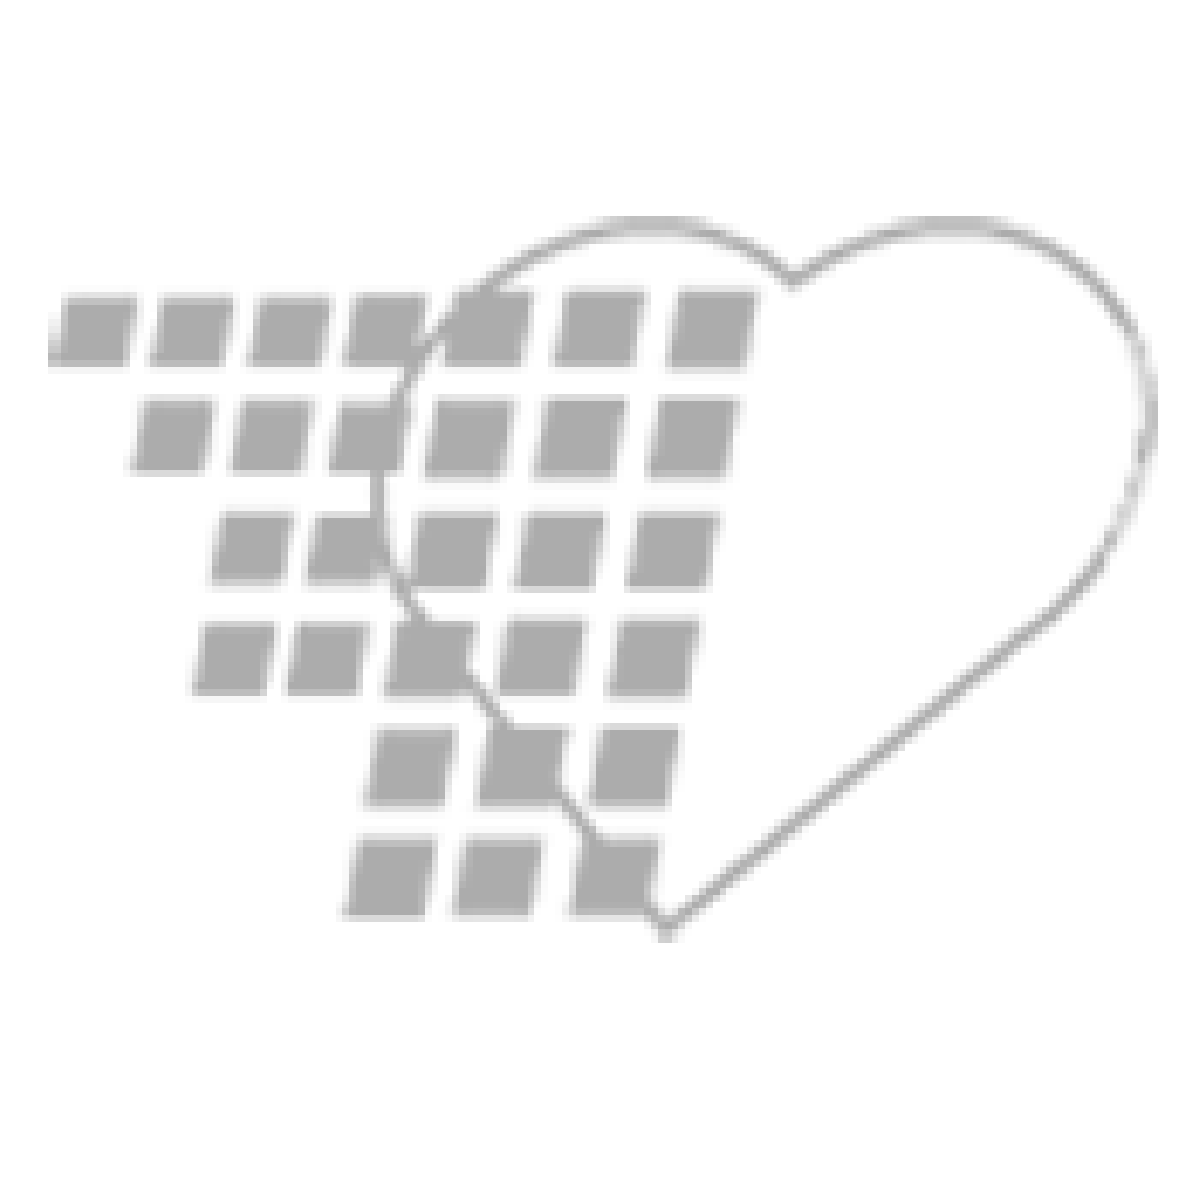 02-44-3013 Zoll® R Series ALS Defibrillator